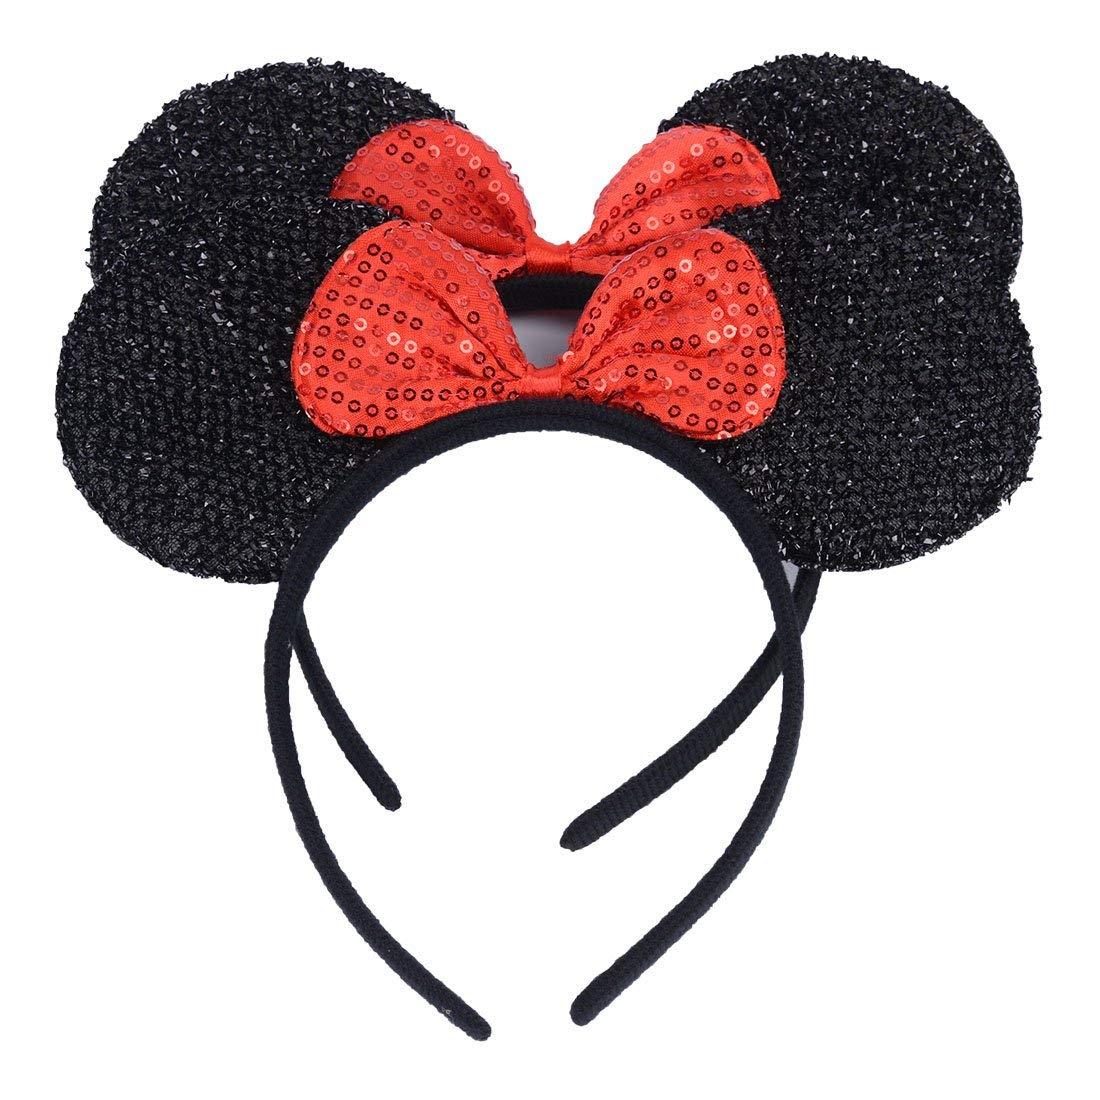 Mabingo メンズ 2つミッキーミニーマウス耳カチューシャボーイズ女子誕生日 パーティー ママ毛アクセサリー赤ちゃんセット ドット弓と帽子ハロウィン パーティー 装飾グリッターデラックス生地耳シャワー 1